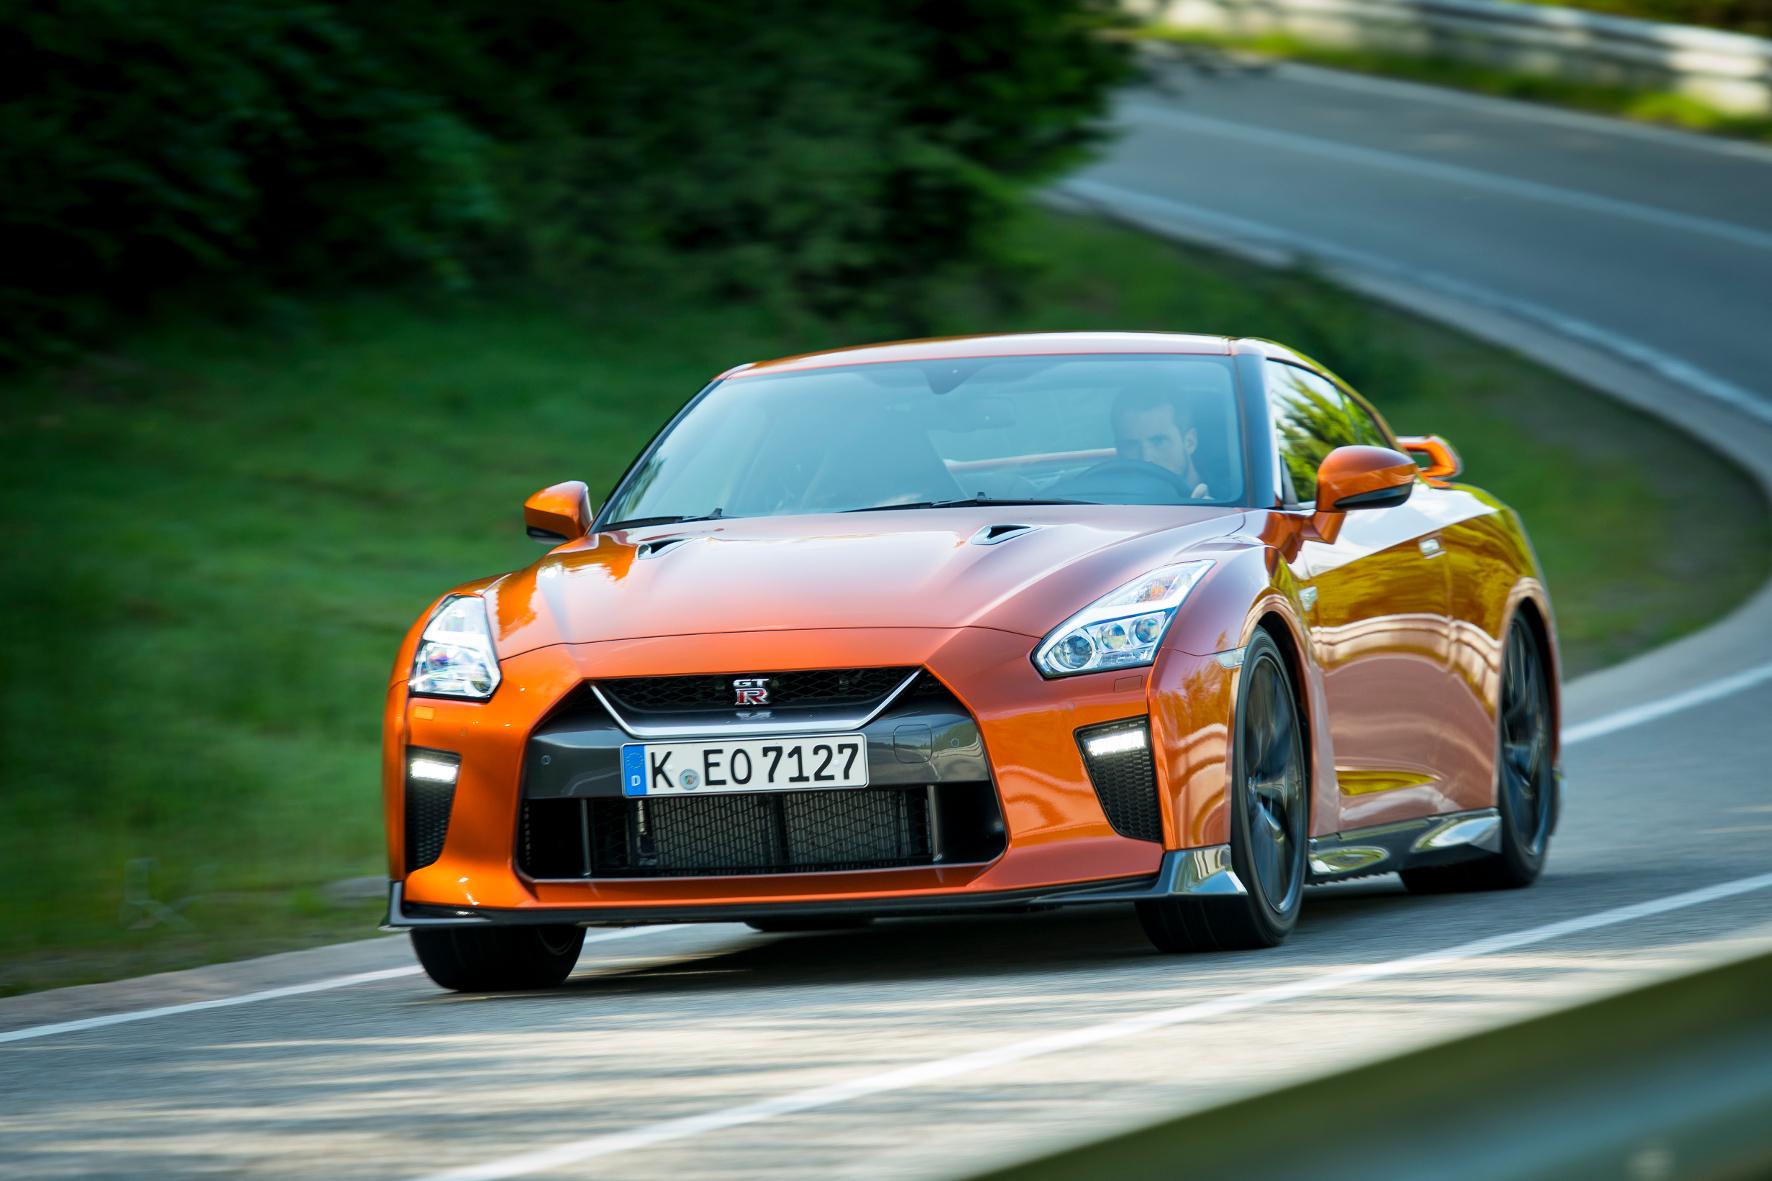 mid Spa - Die Kantigkeit des Nissan GT-R ist kein Design-Stilmittel: Sie sorgt für bessere Kühlung und mehr Abtrieb bei hohem Tempo.